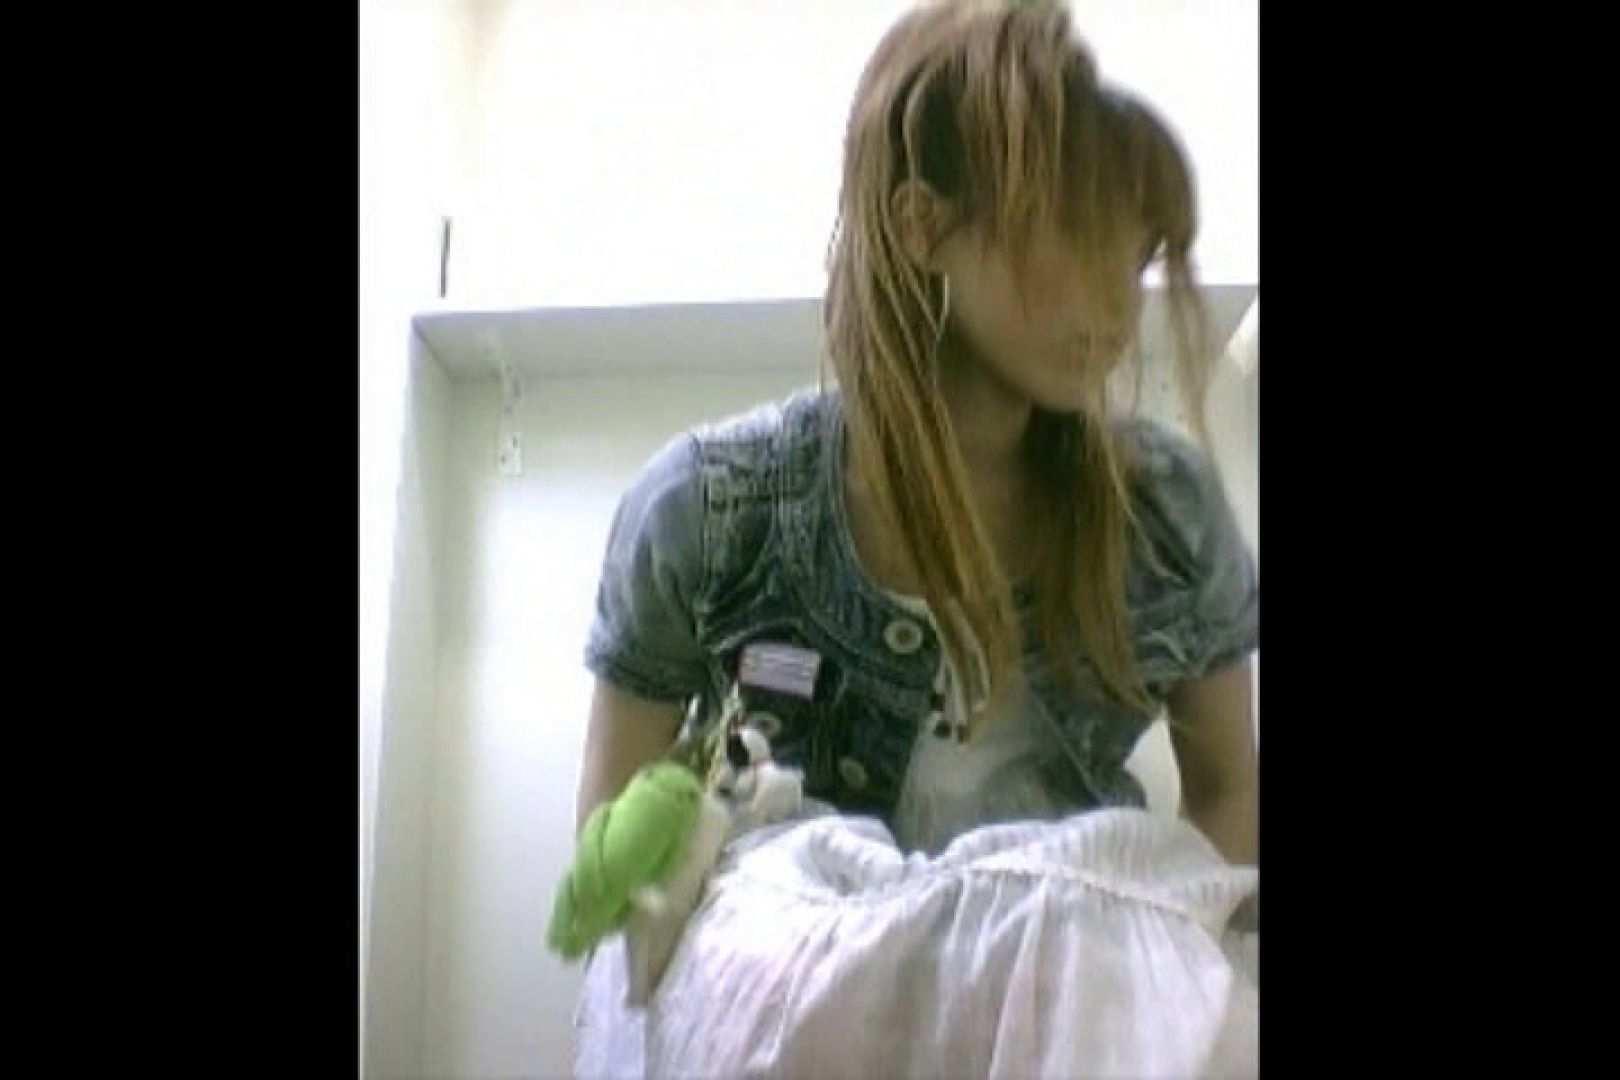 美女洗面所!痴態の生現場その10 洗面所 すけべAV動画紹介 110pic 62